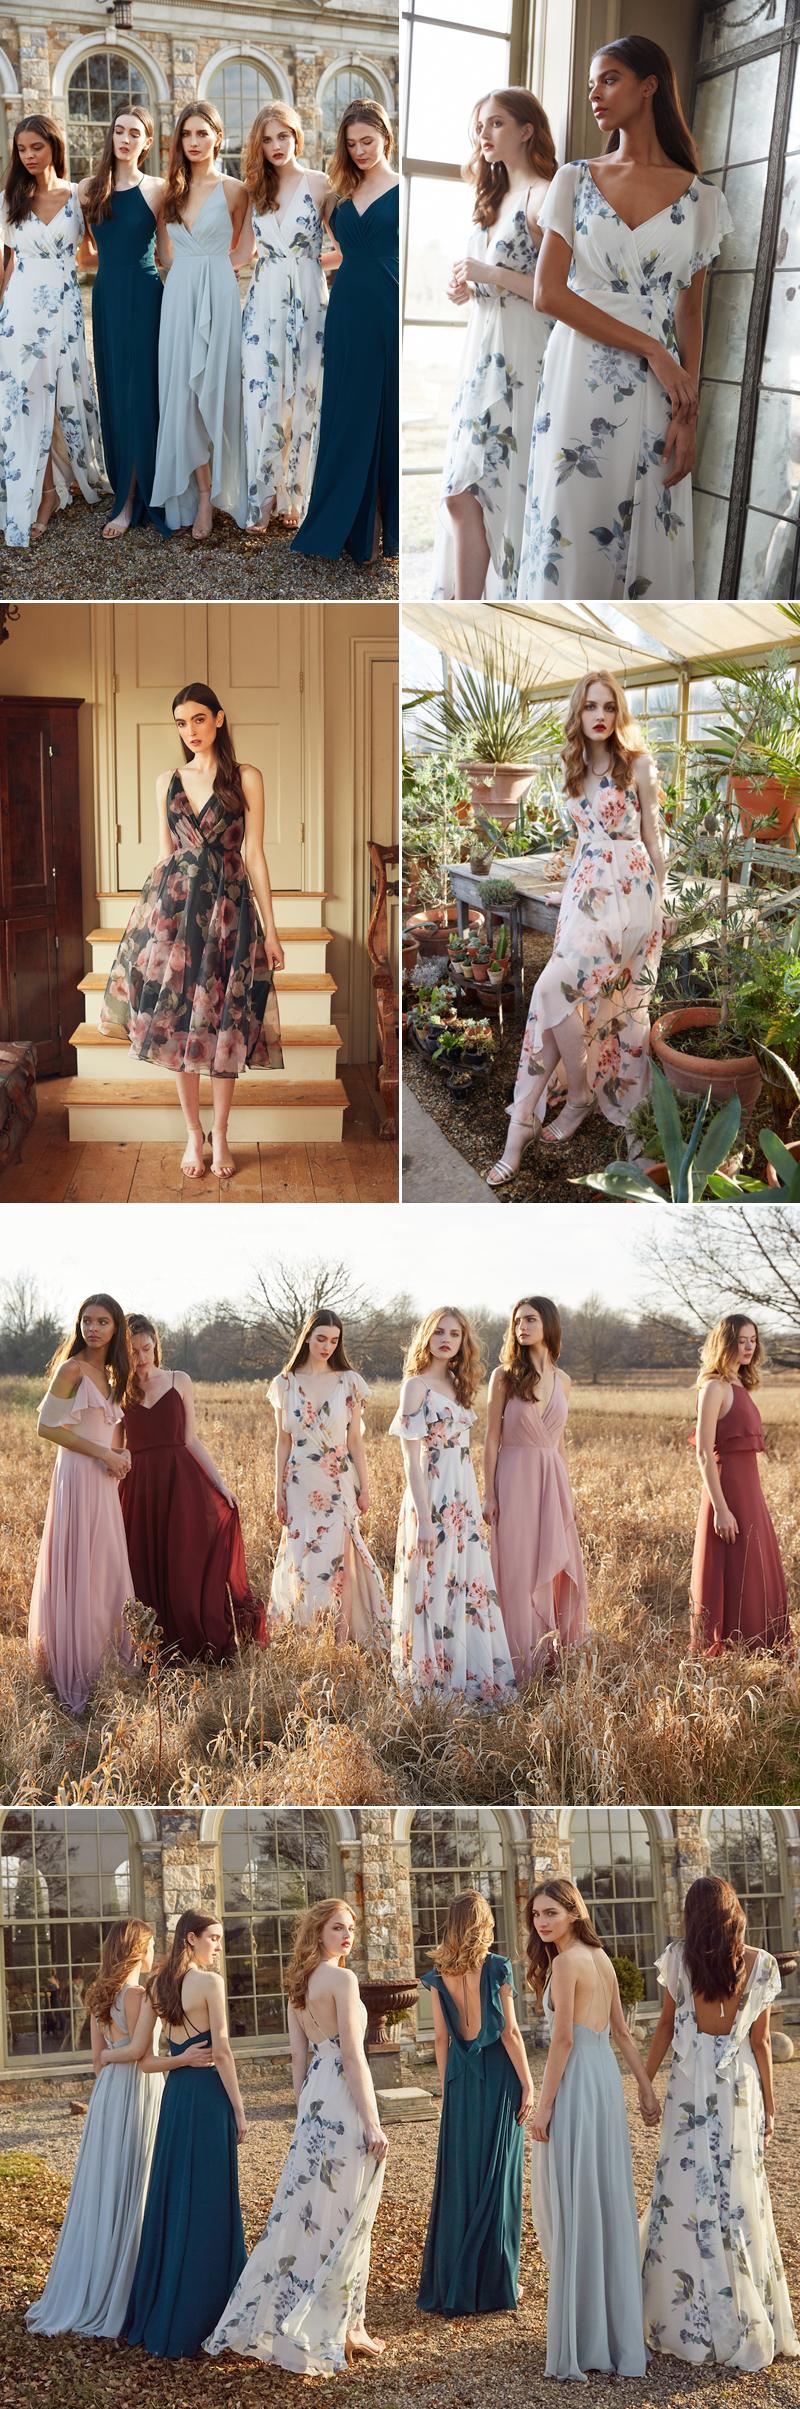 jennyyoo-bridesmaid03-floral